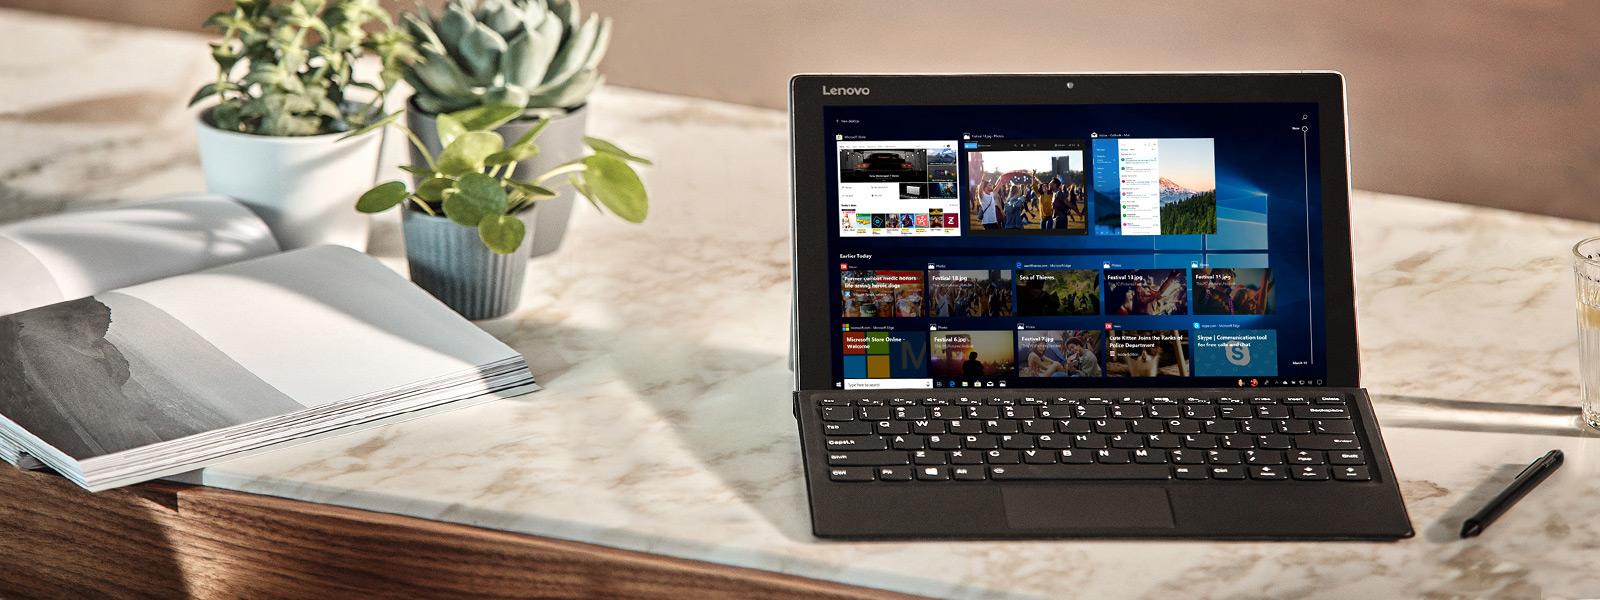 Ecrã de computador a mostrar a funcionalidade da Atualização de abril de 2018 do Windows 10